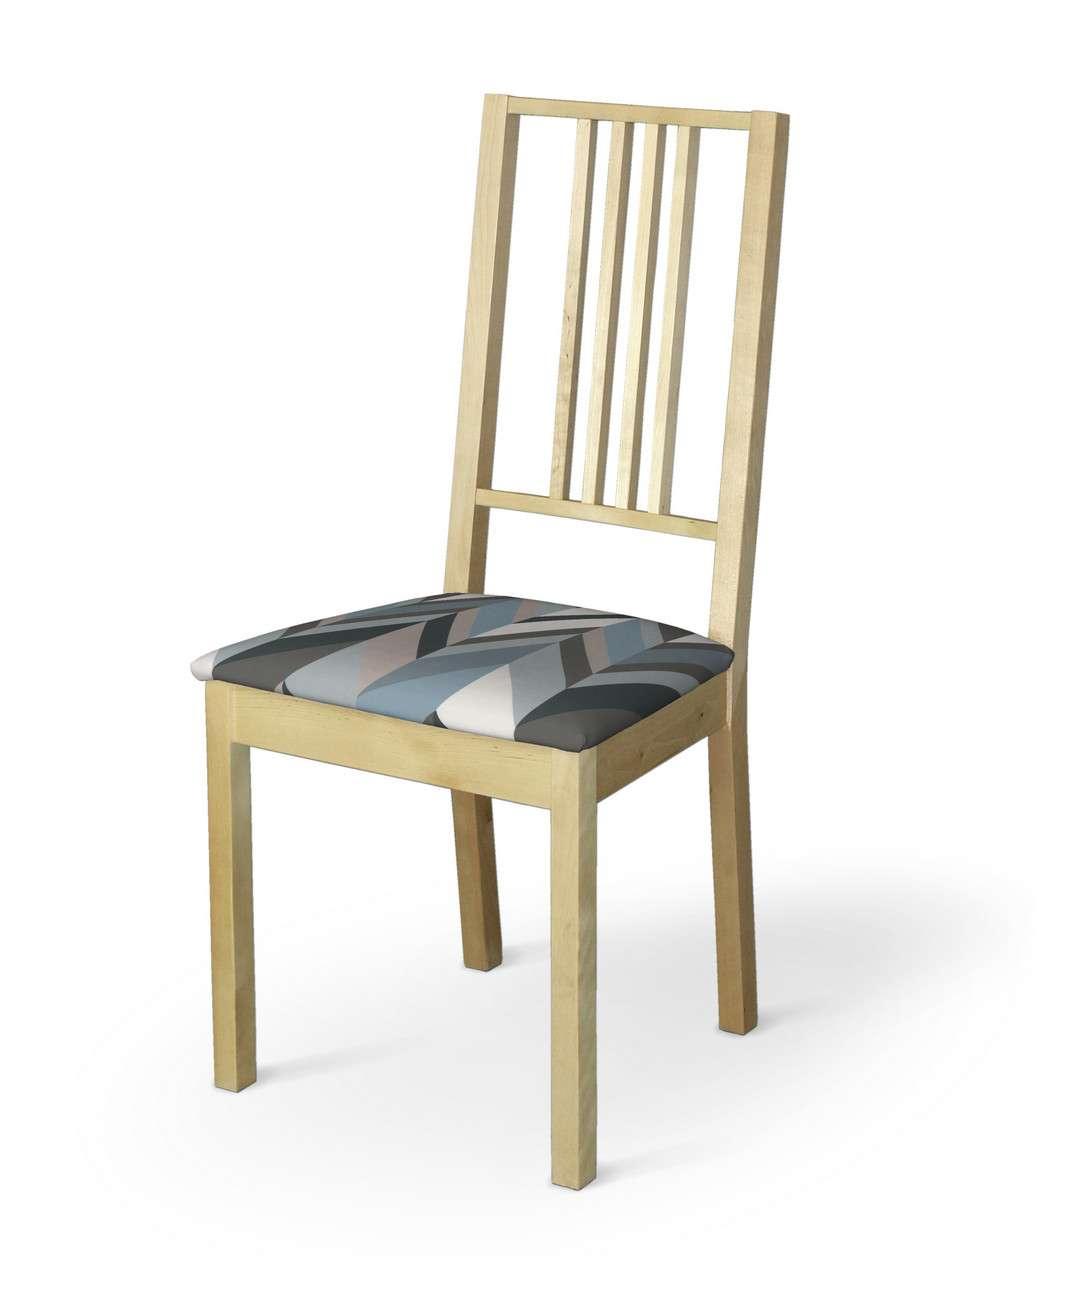 Pokrowiec na siedzisko Börje w kolekcji Vintage 70's, tkanina: 143-54